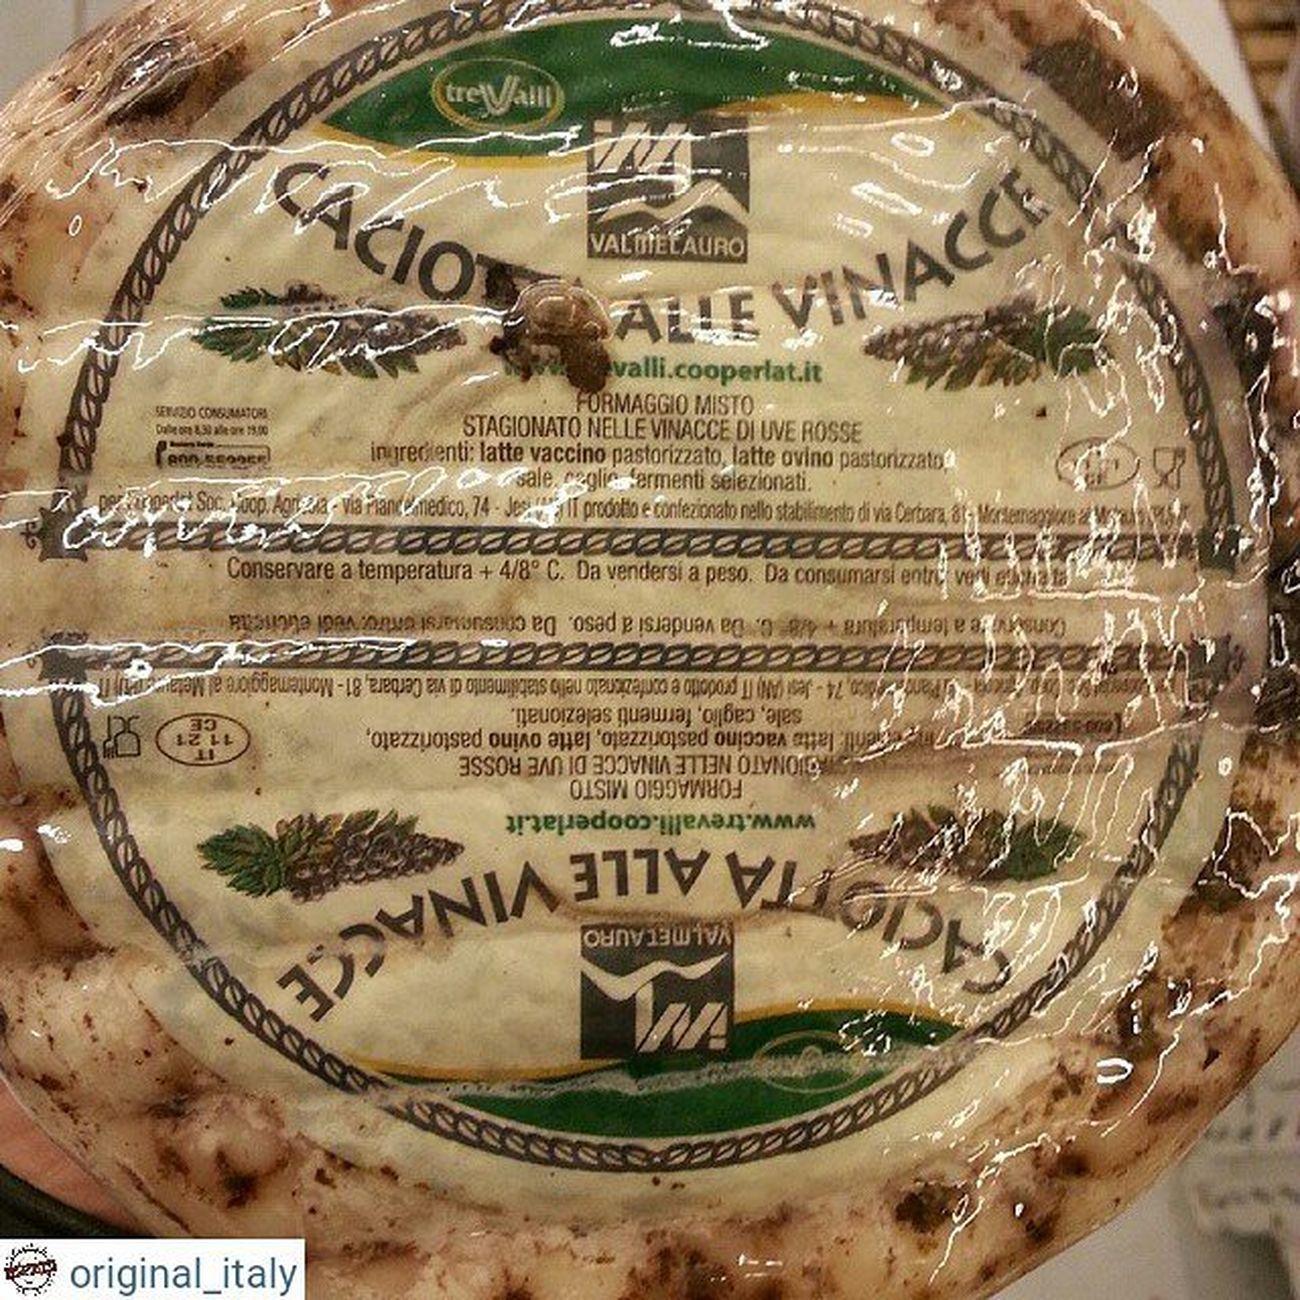 ☆☆☆☆☆ @original_italy ☆☆☆☆☆ Сыр из смеси коровьего и овечьего молока. Выдержан в виноградных отжимках, изысканный вкус. Сыр средней твердости. Головка довольно большая 1200 грамм, цена 32€ Доставка до 2 кг 21 € Для заказа WhatsApp, Viber + 79817855075 Италия шоппинг оригинал Original_italу кофевиноitalyкупитьмосквапитерсырсырыитальянскиесырысырнаятарелкапиццапастаПрошуттосалямиОливковоемаслоЛимончеллоспецииитальянскиеспеции